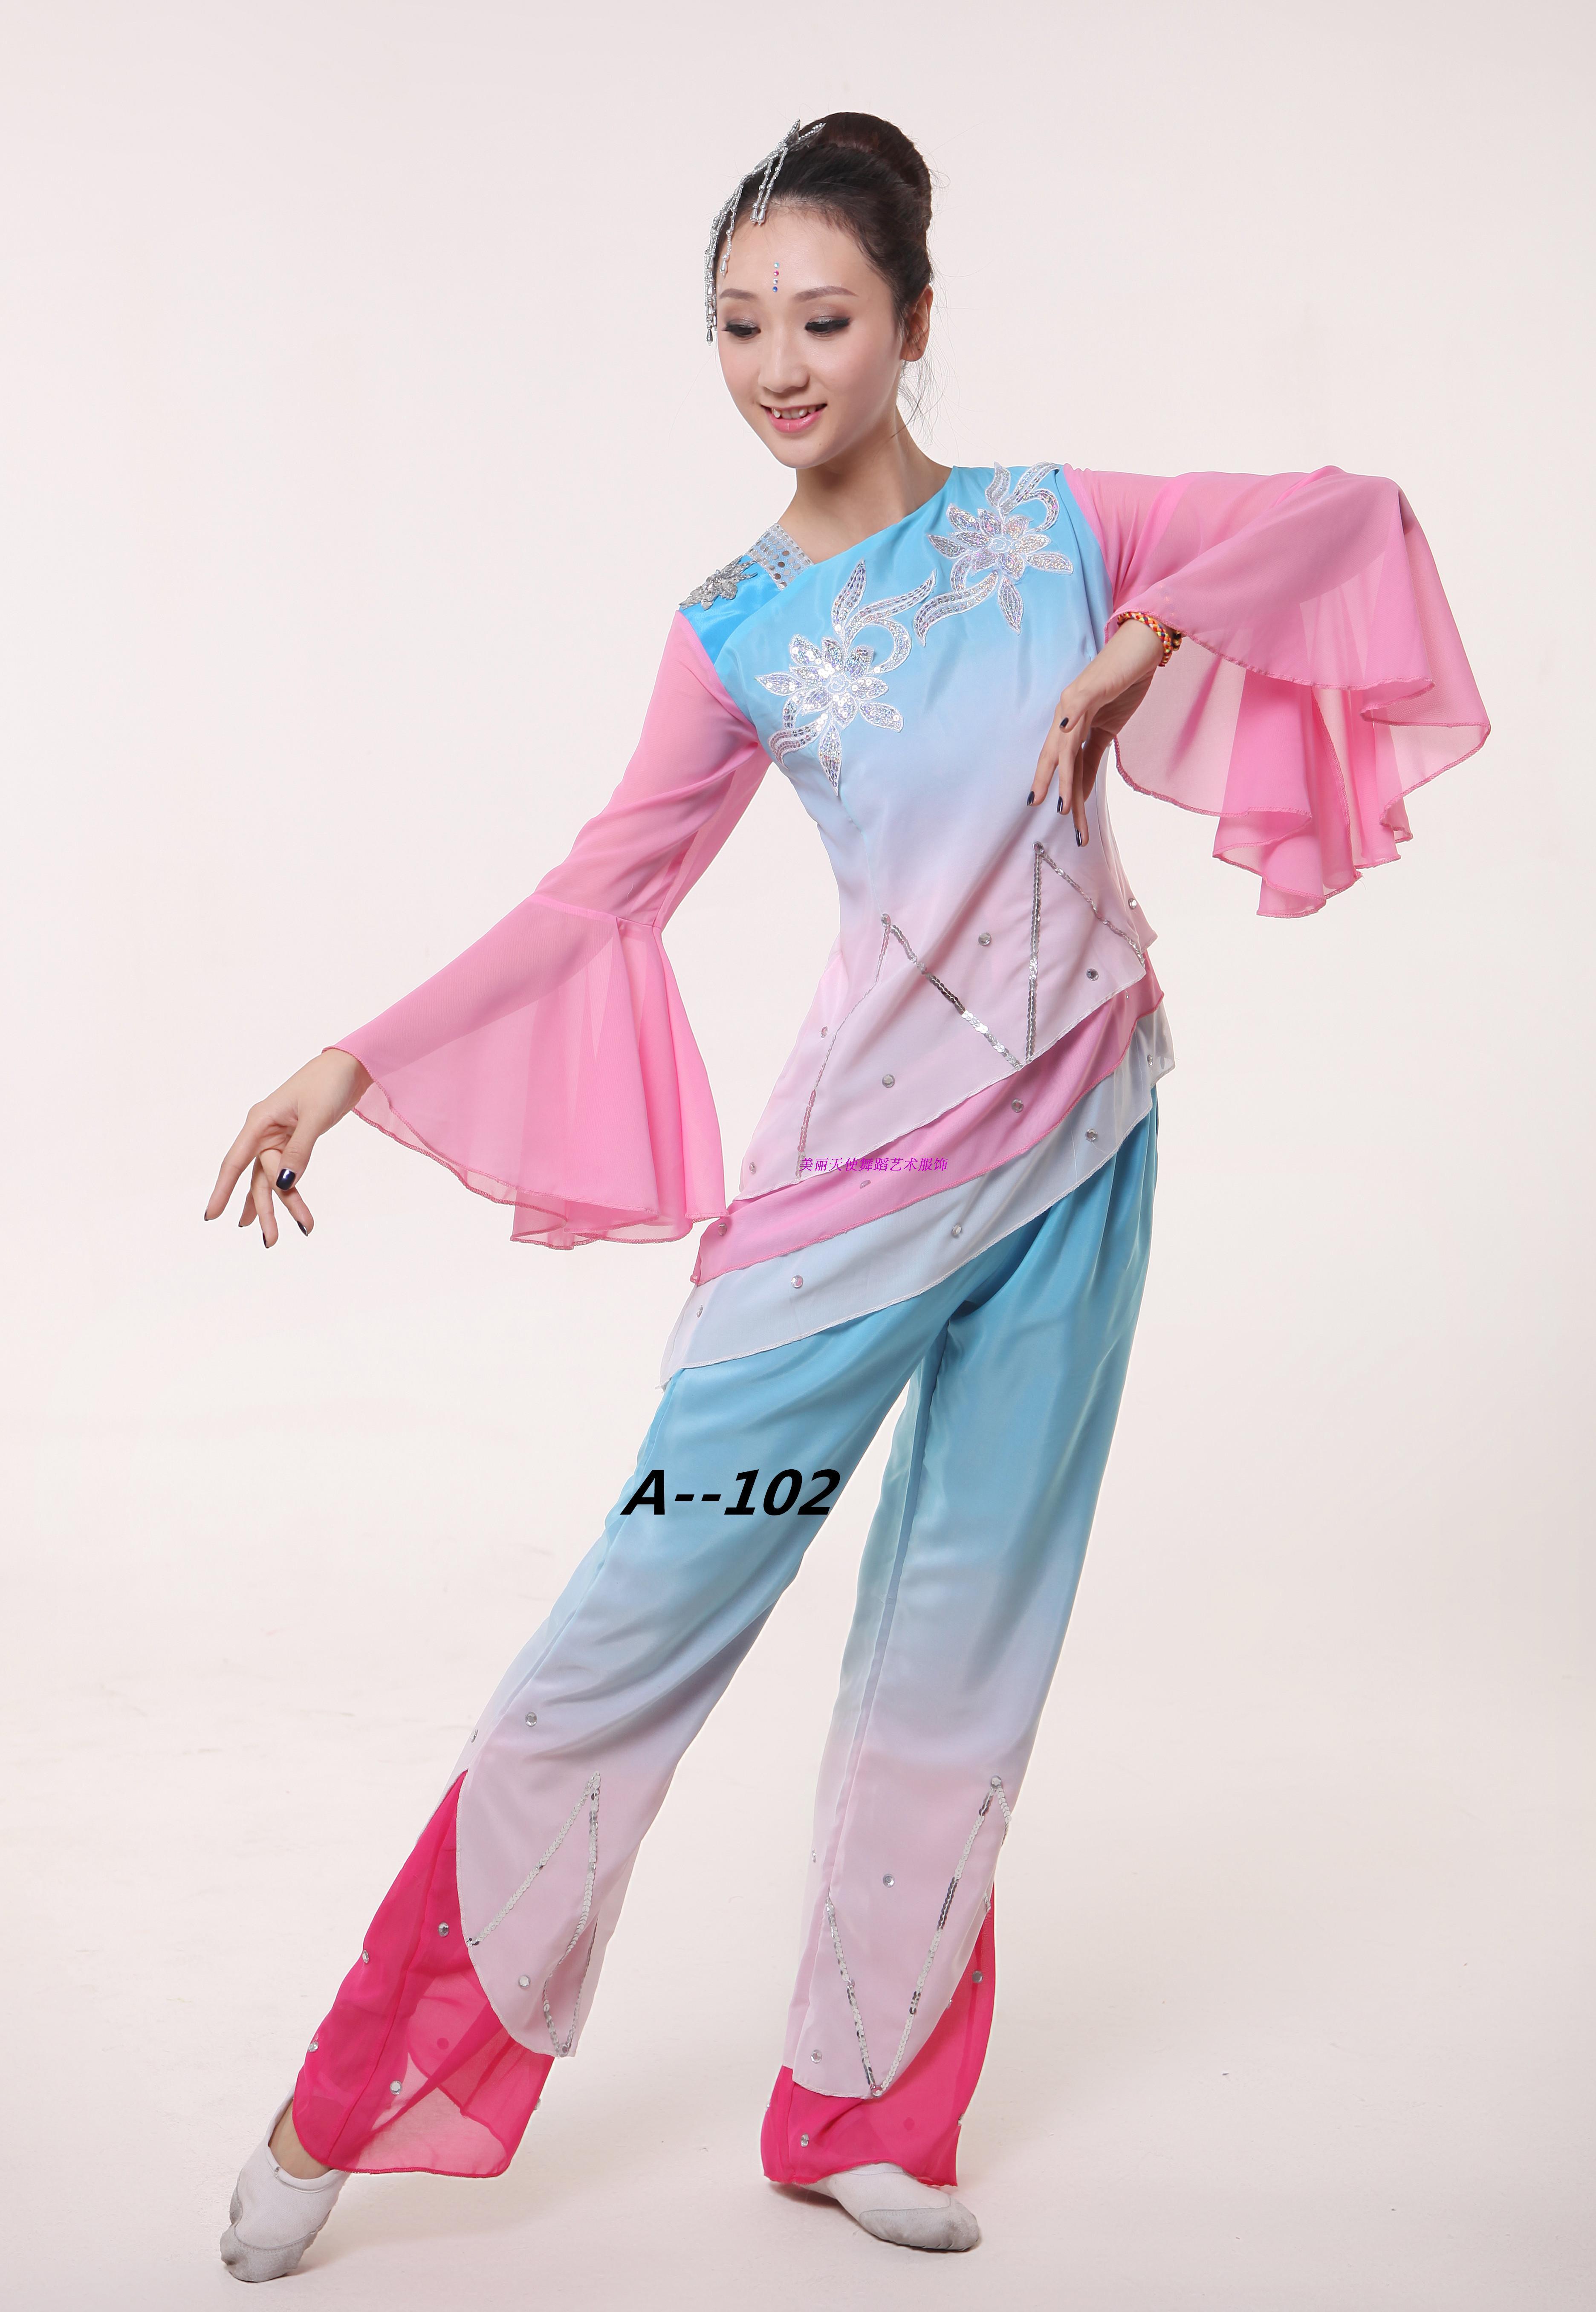 厂家直销扇子舞 蹈演出服 民族舞定做秧歌舞服装古典舞蹈服头饰